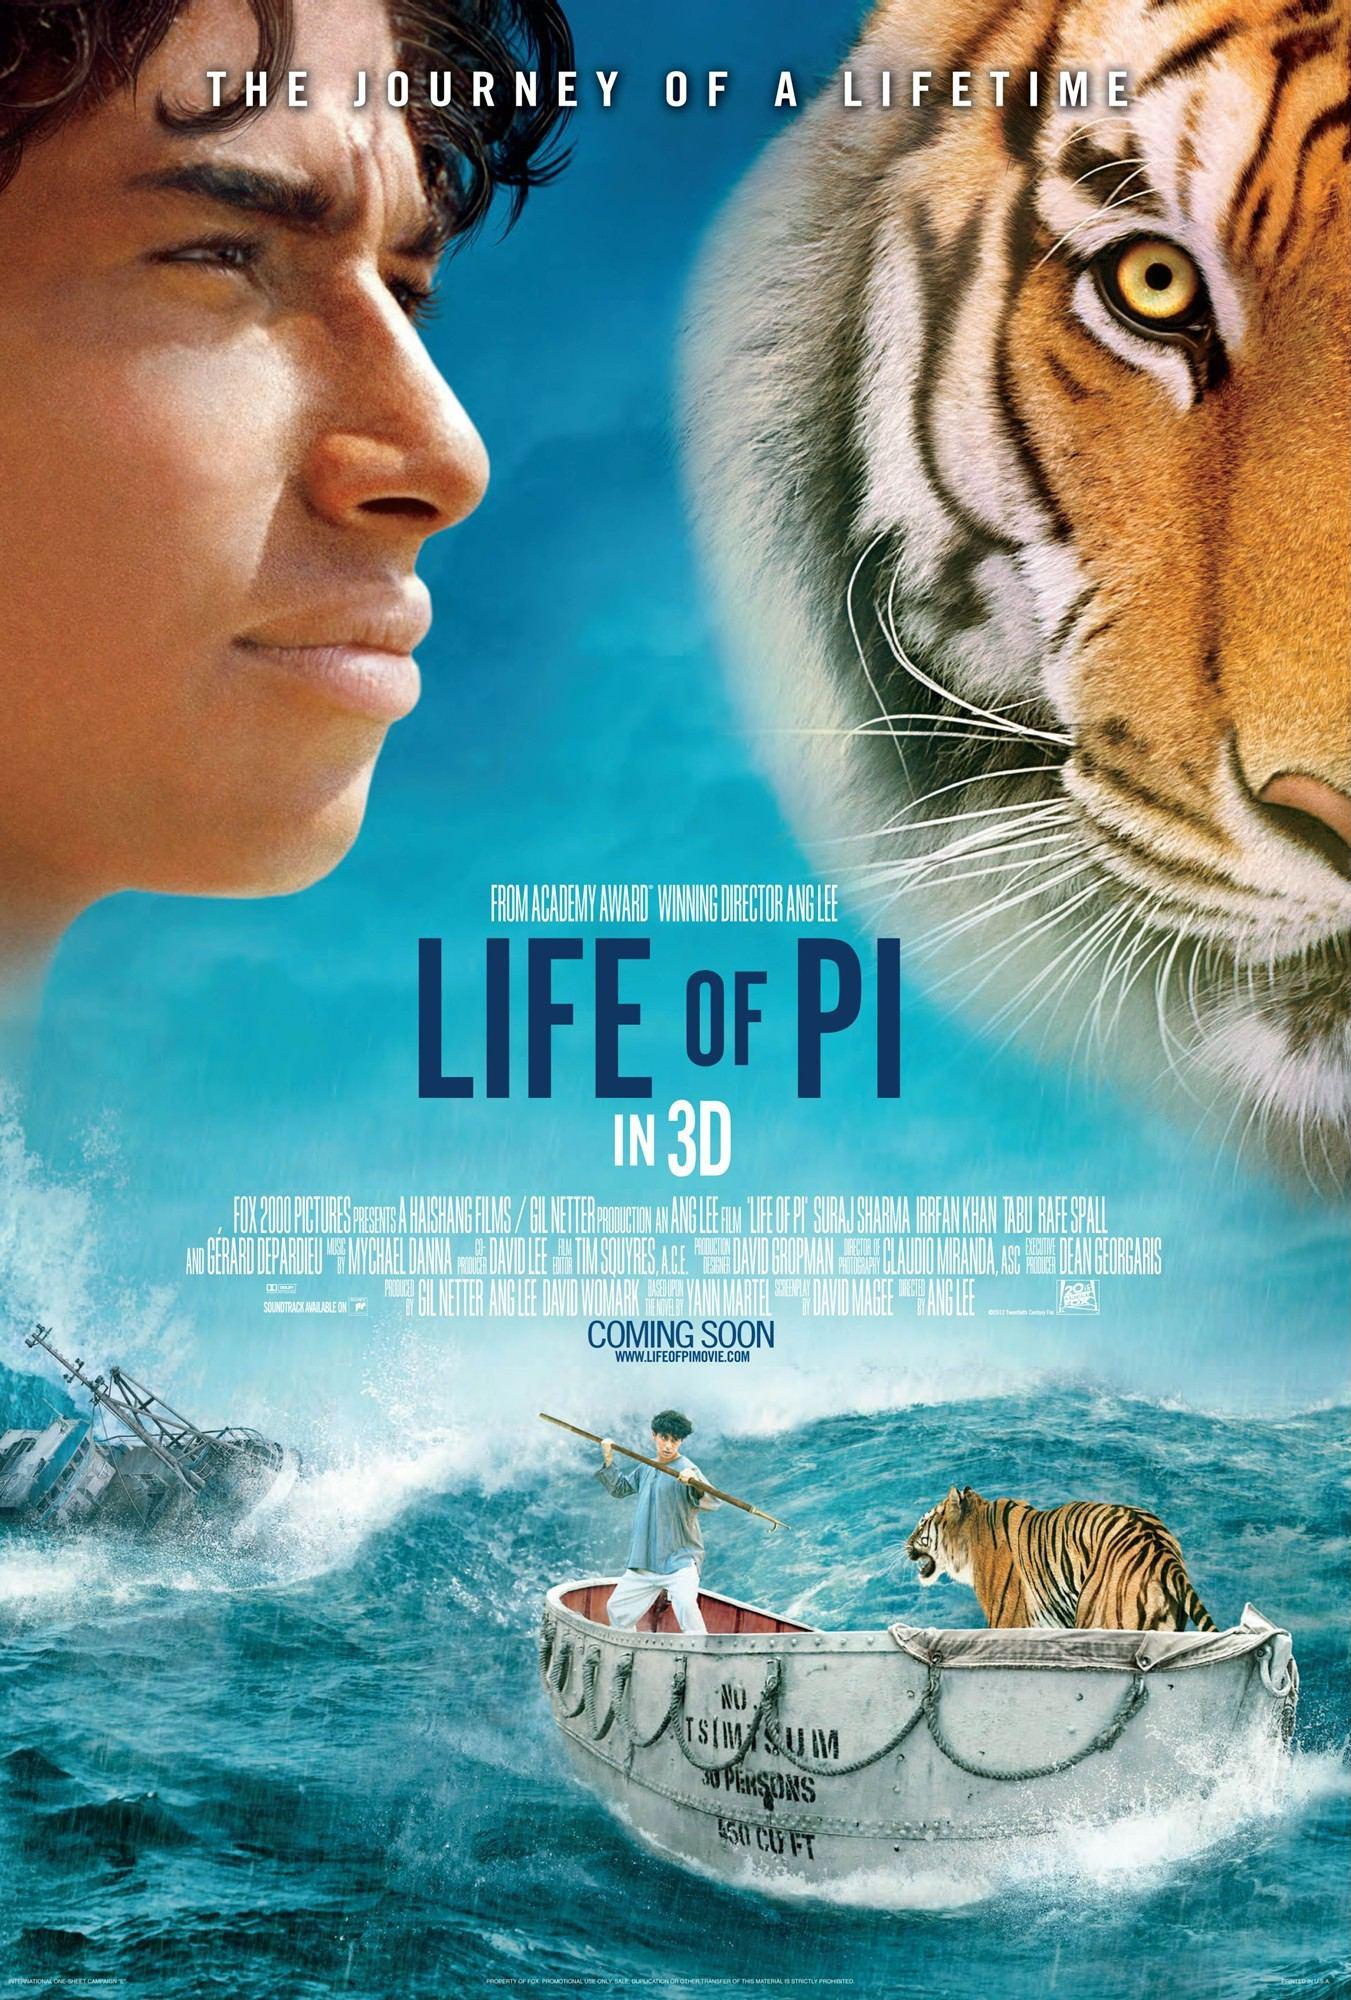 พูดถึงหนังเรื่อง LIFE OF PI (ชีวิตบักหำพาย)